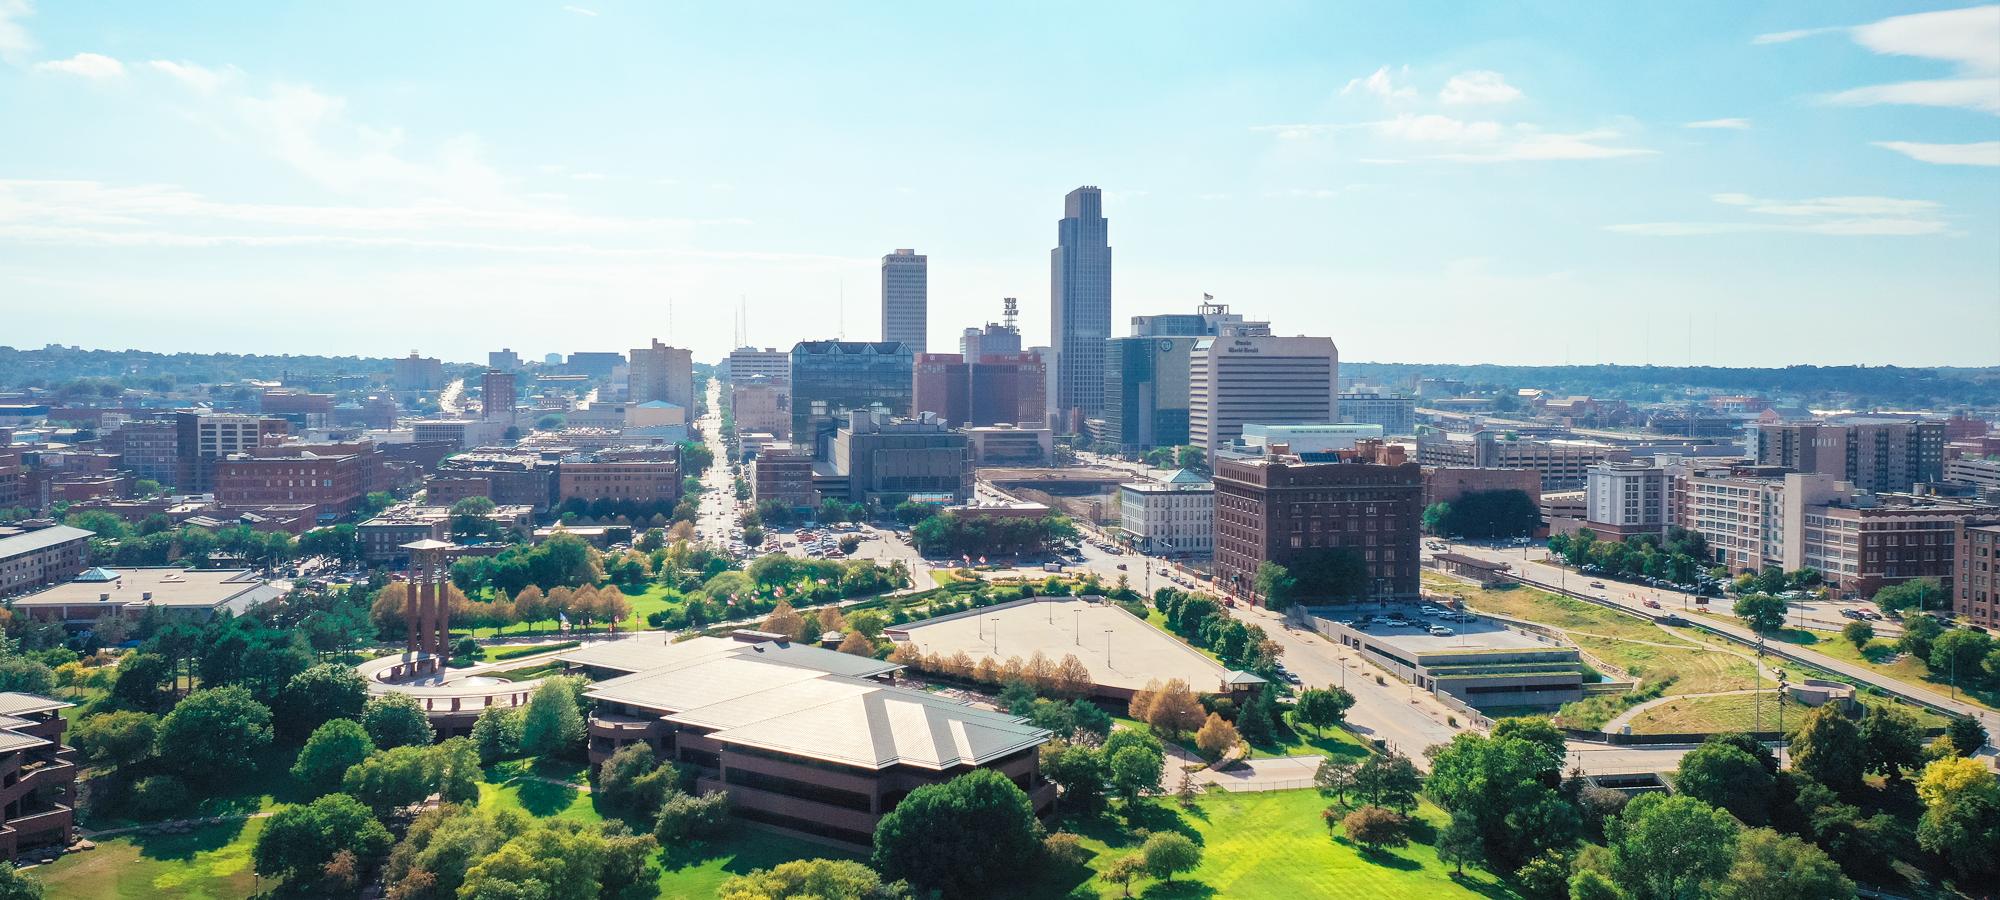 Omaha NE skyline